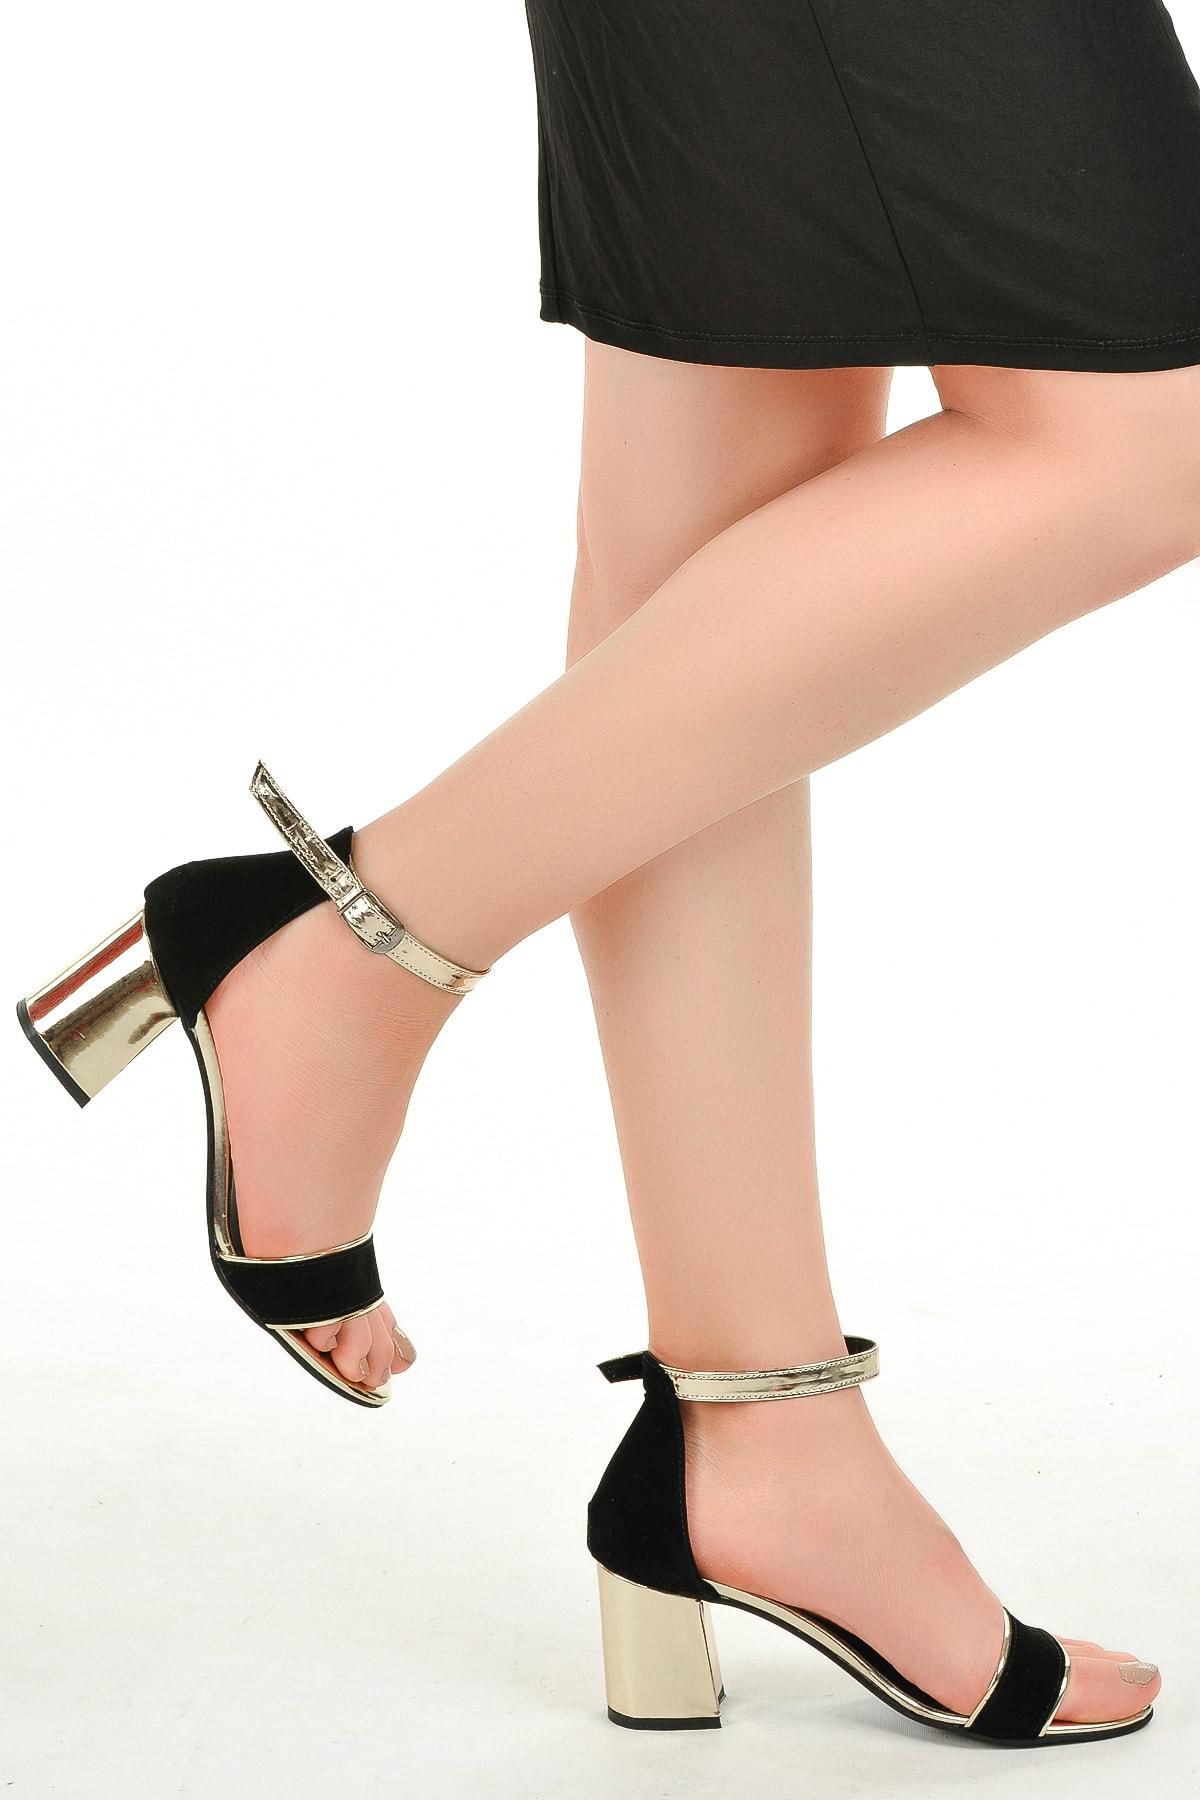 Ayakland 2013-03 Rugan 7 Cm Topuk Bayan Sandalet Ayakkabı 2